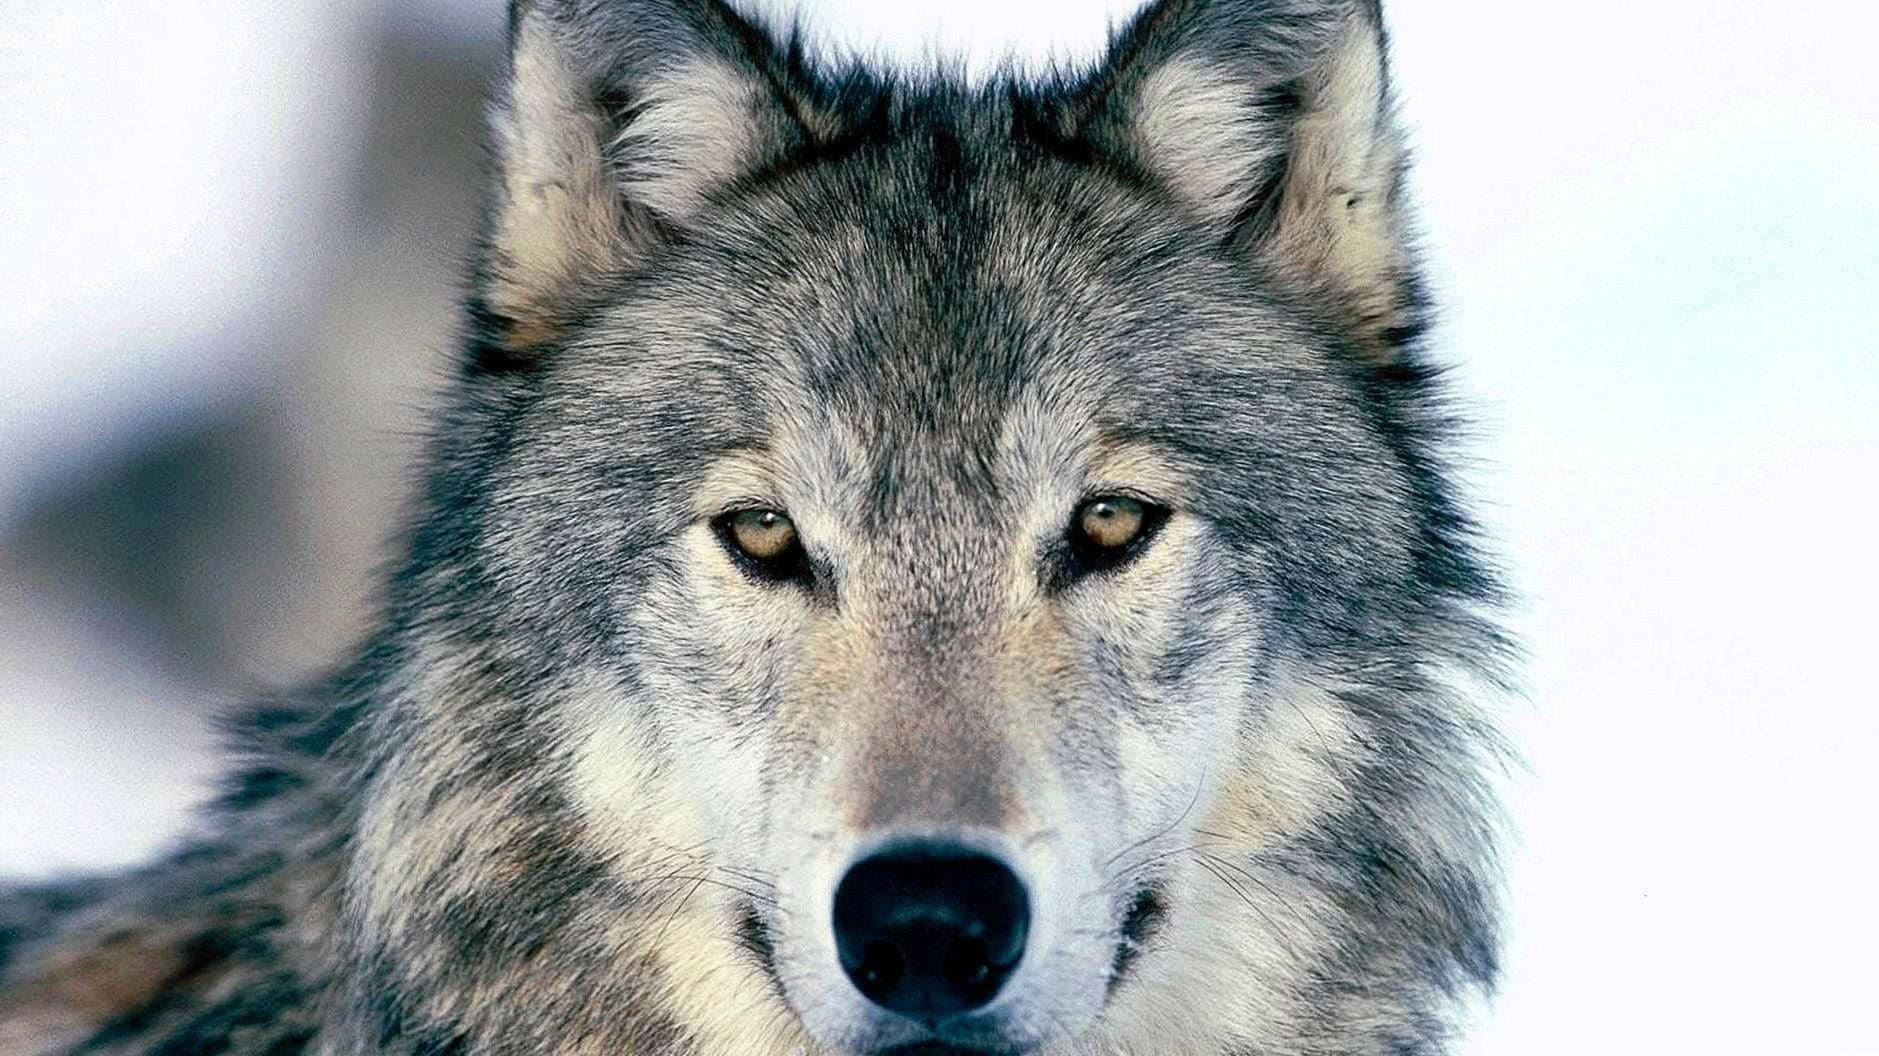 Wolves Wallpaper 1080p